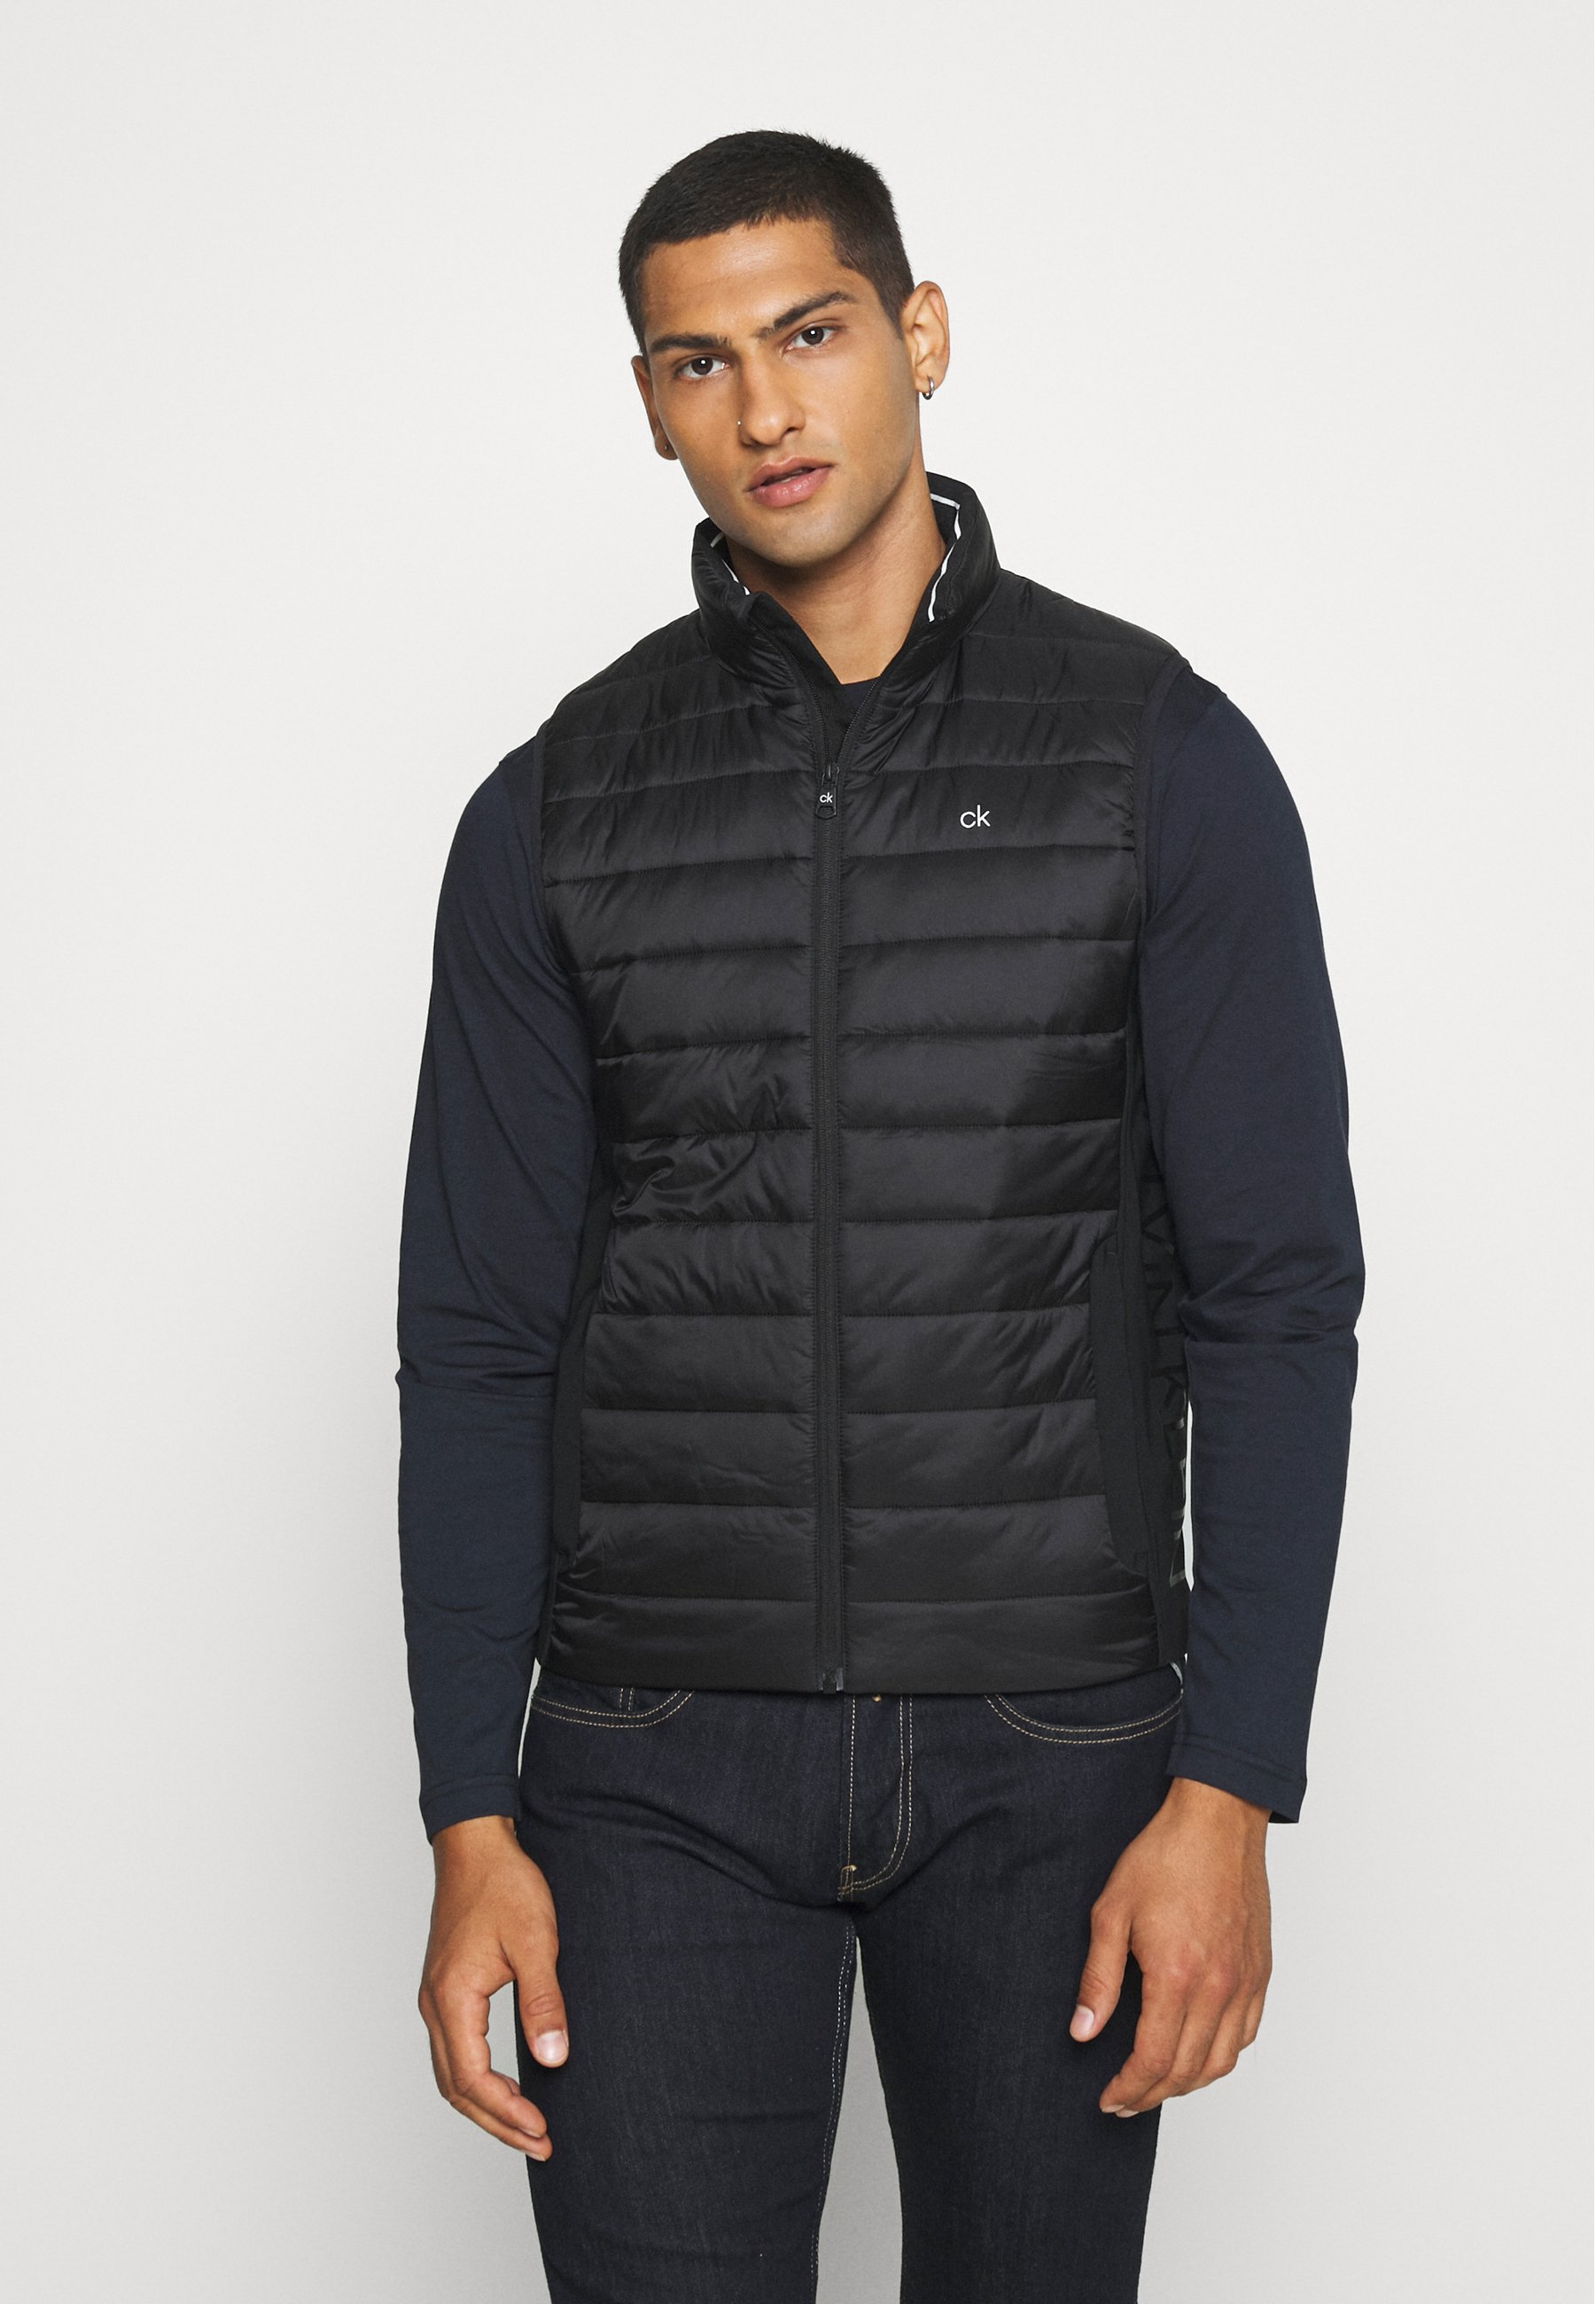 Outlet di fabbrica Abbigliamento da uomo Calvin Klein LIGHT WEIGHT SIDE LOGO VEST Smanicato black